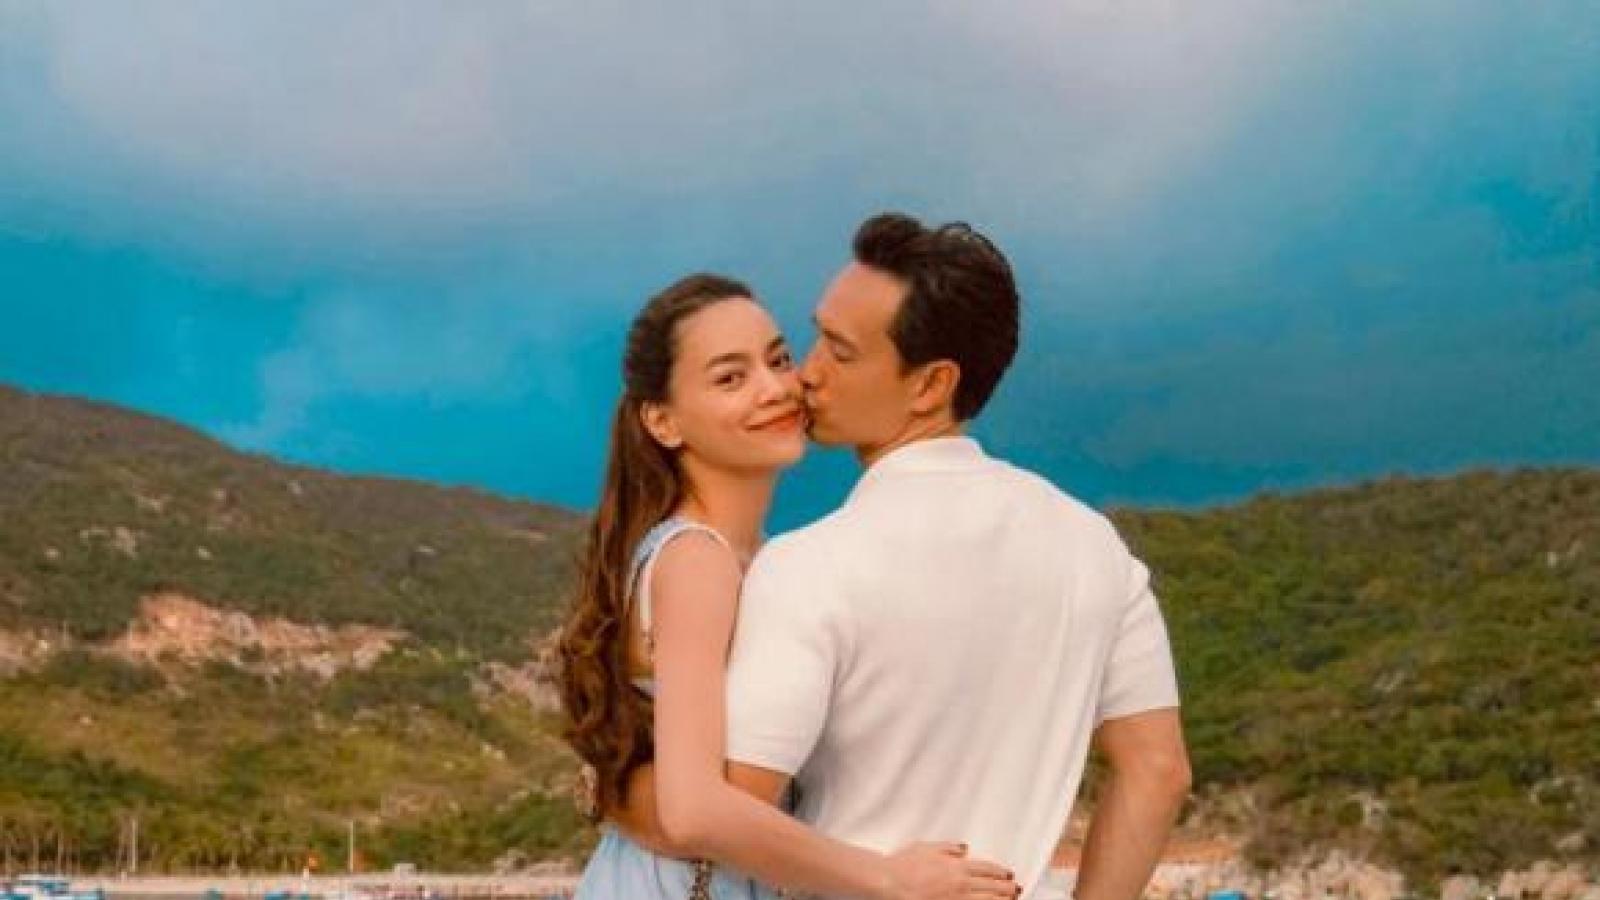 Chuyện showbiz: Hồ Ngọc Hà tình tứ bên Kim Lý giữa thiên nhiên thơ mộng